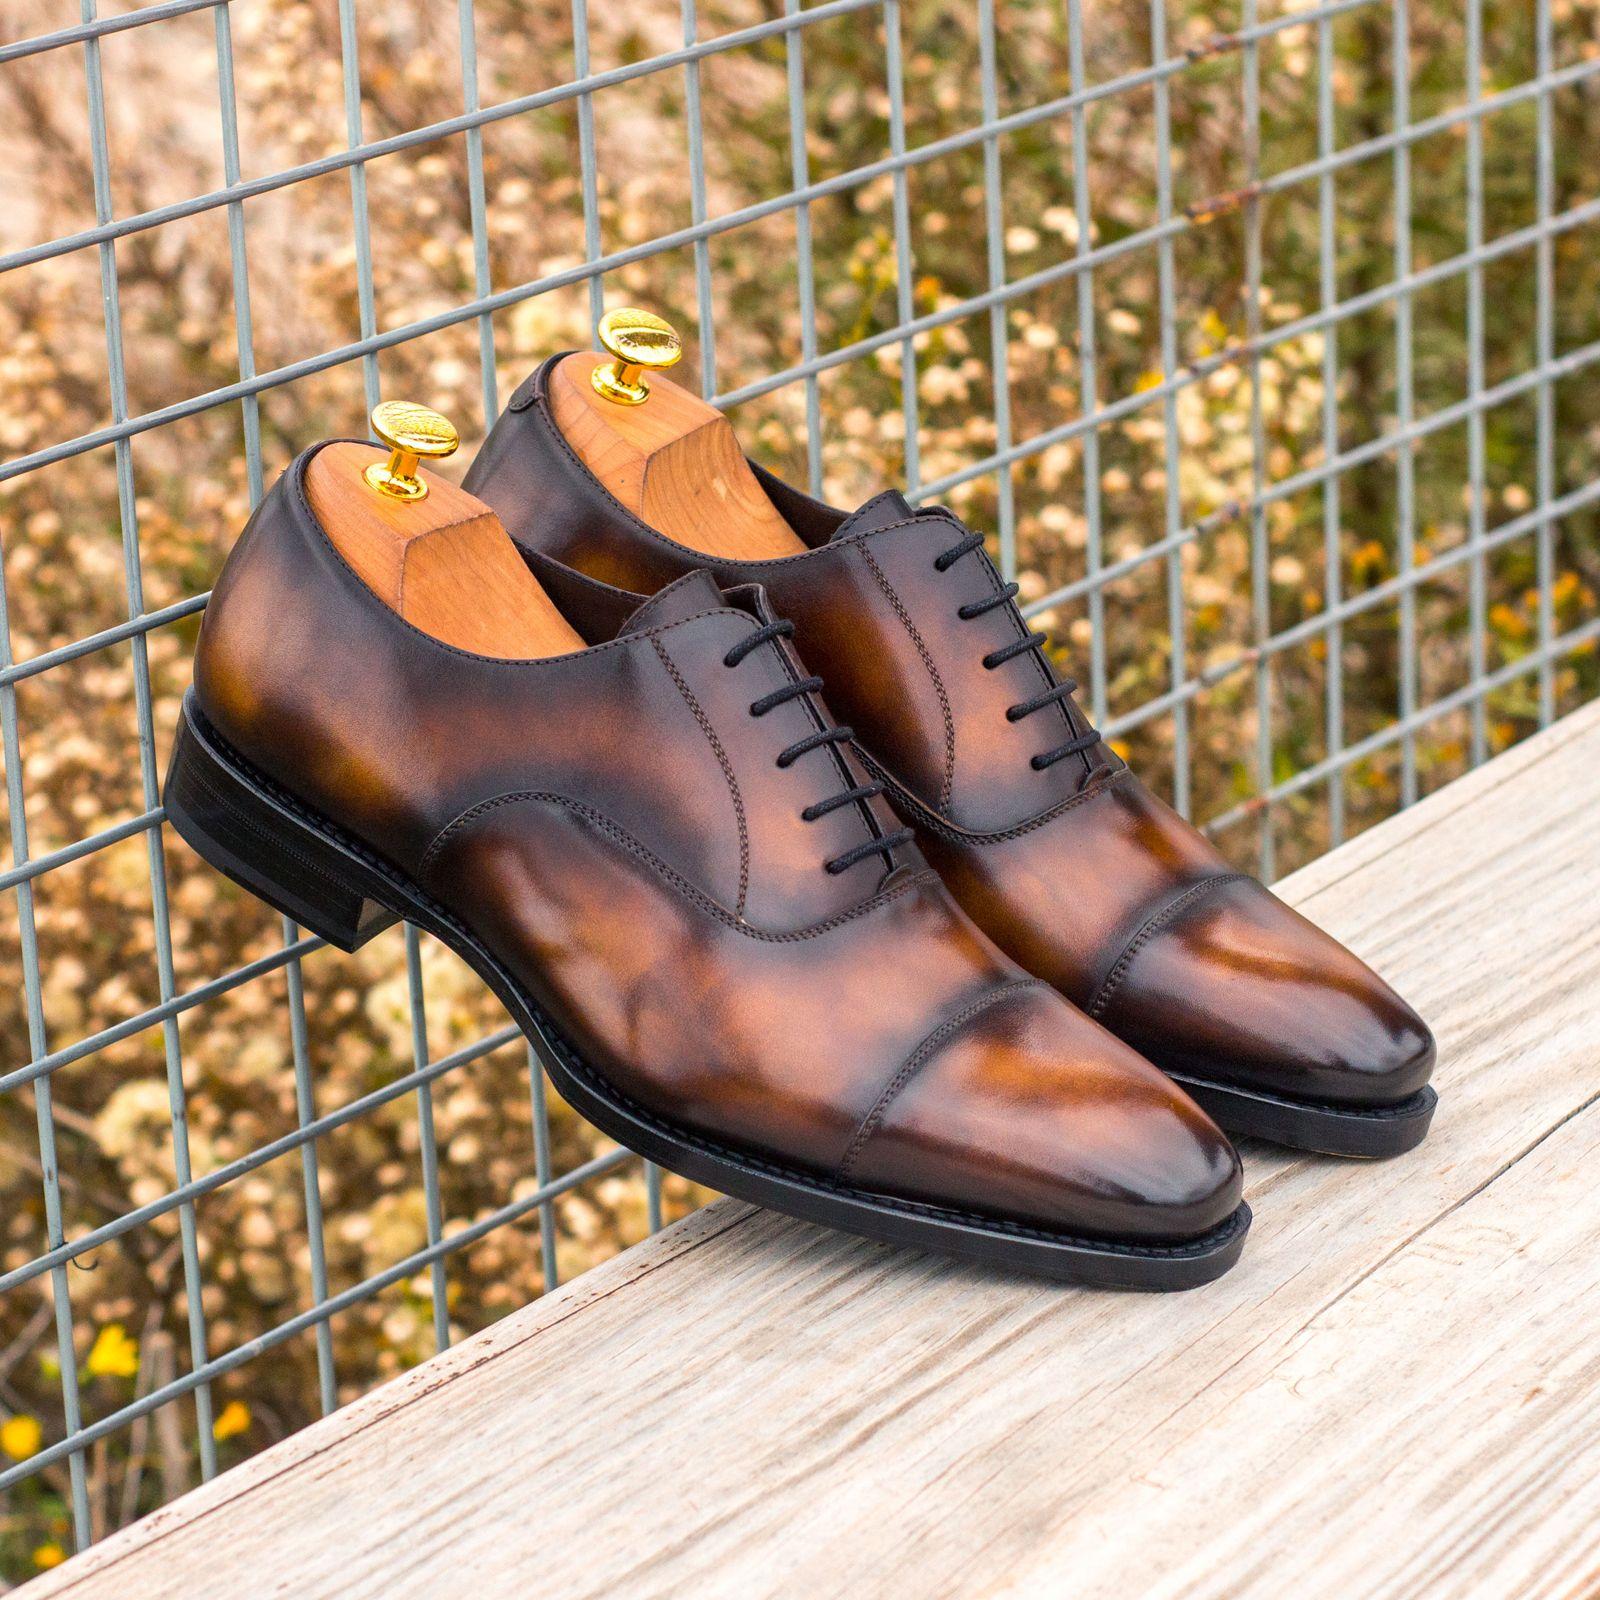 Comment porter des chaussures de ville homme marron?